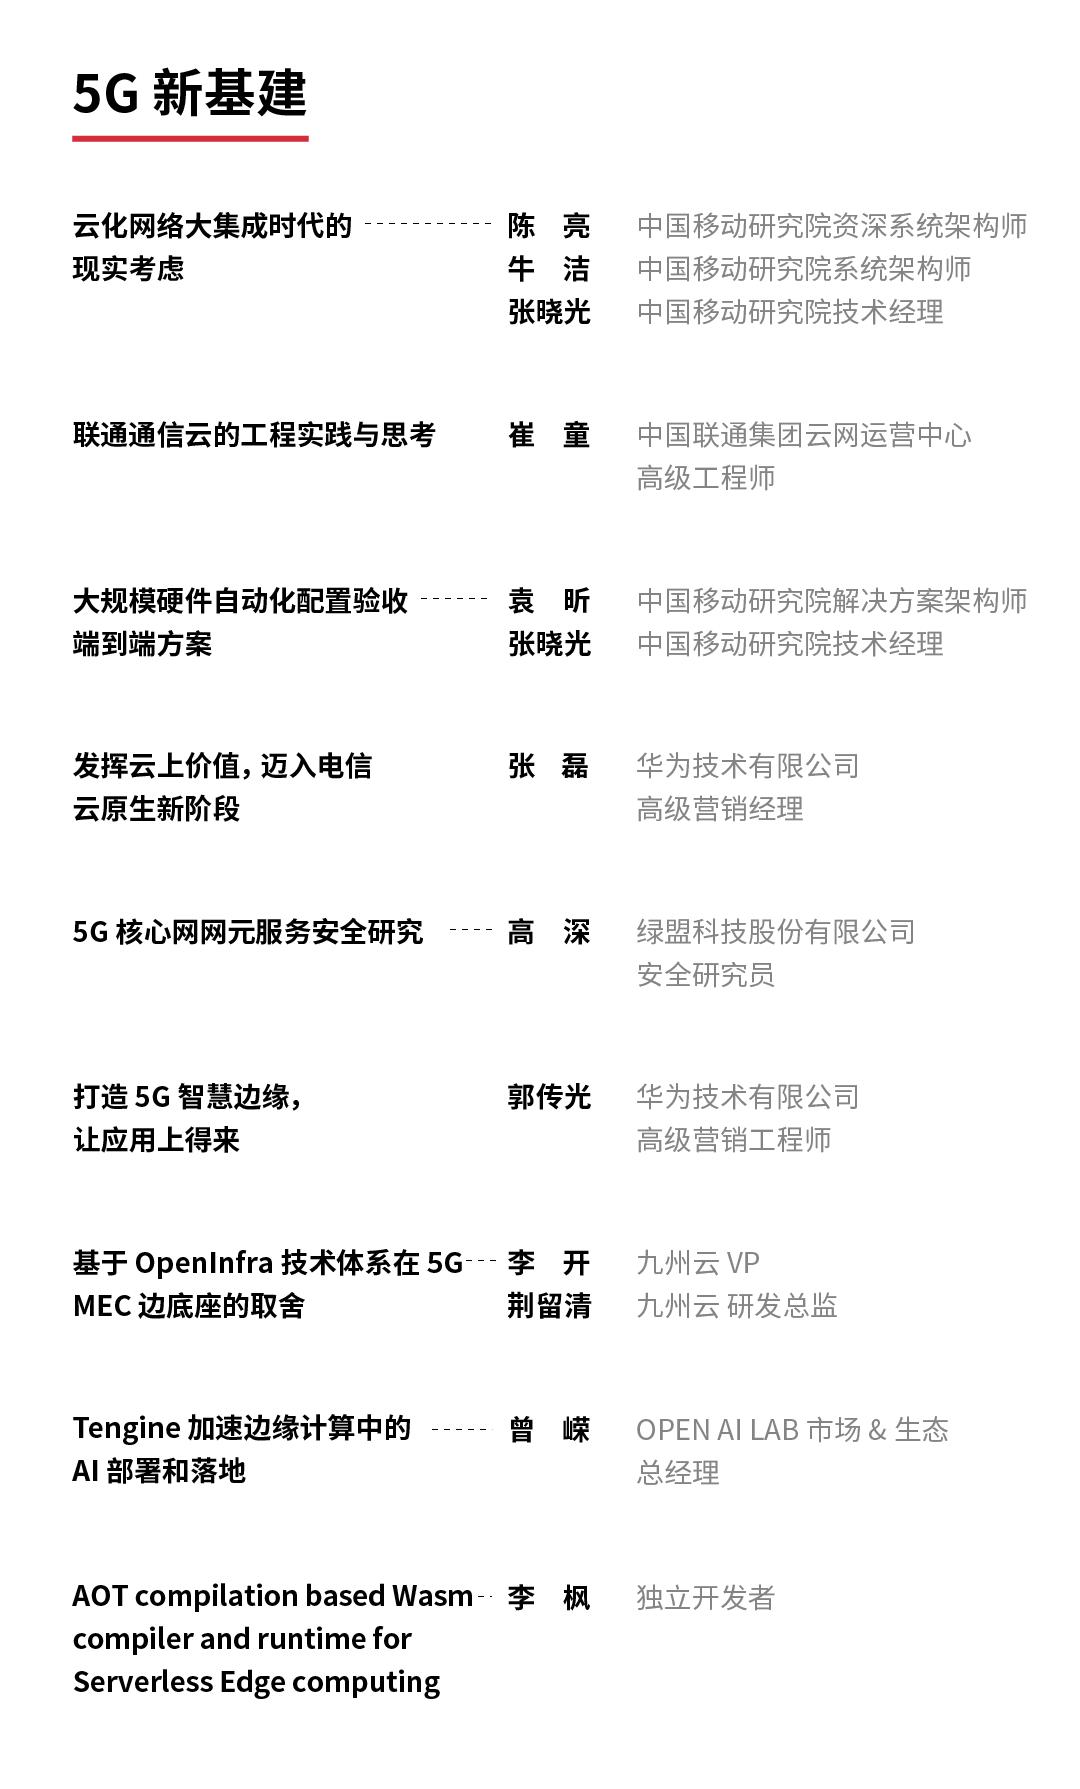 议程-5G新基建-01.png